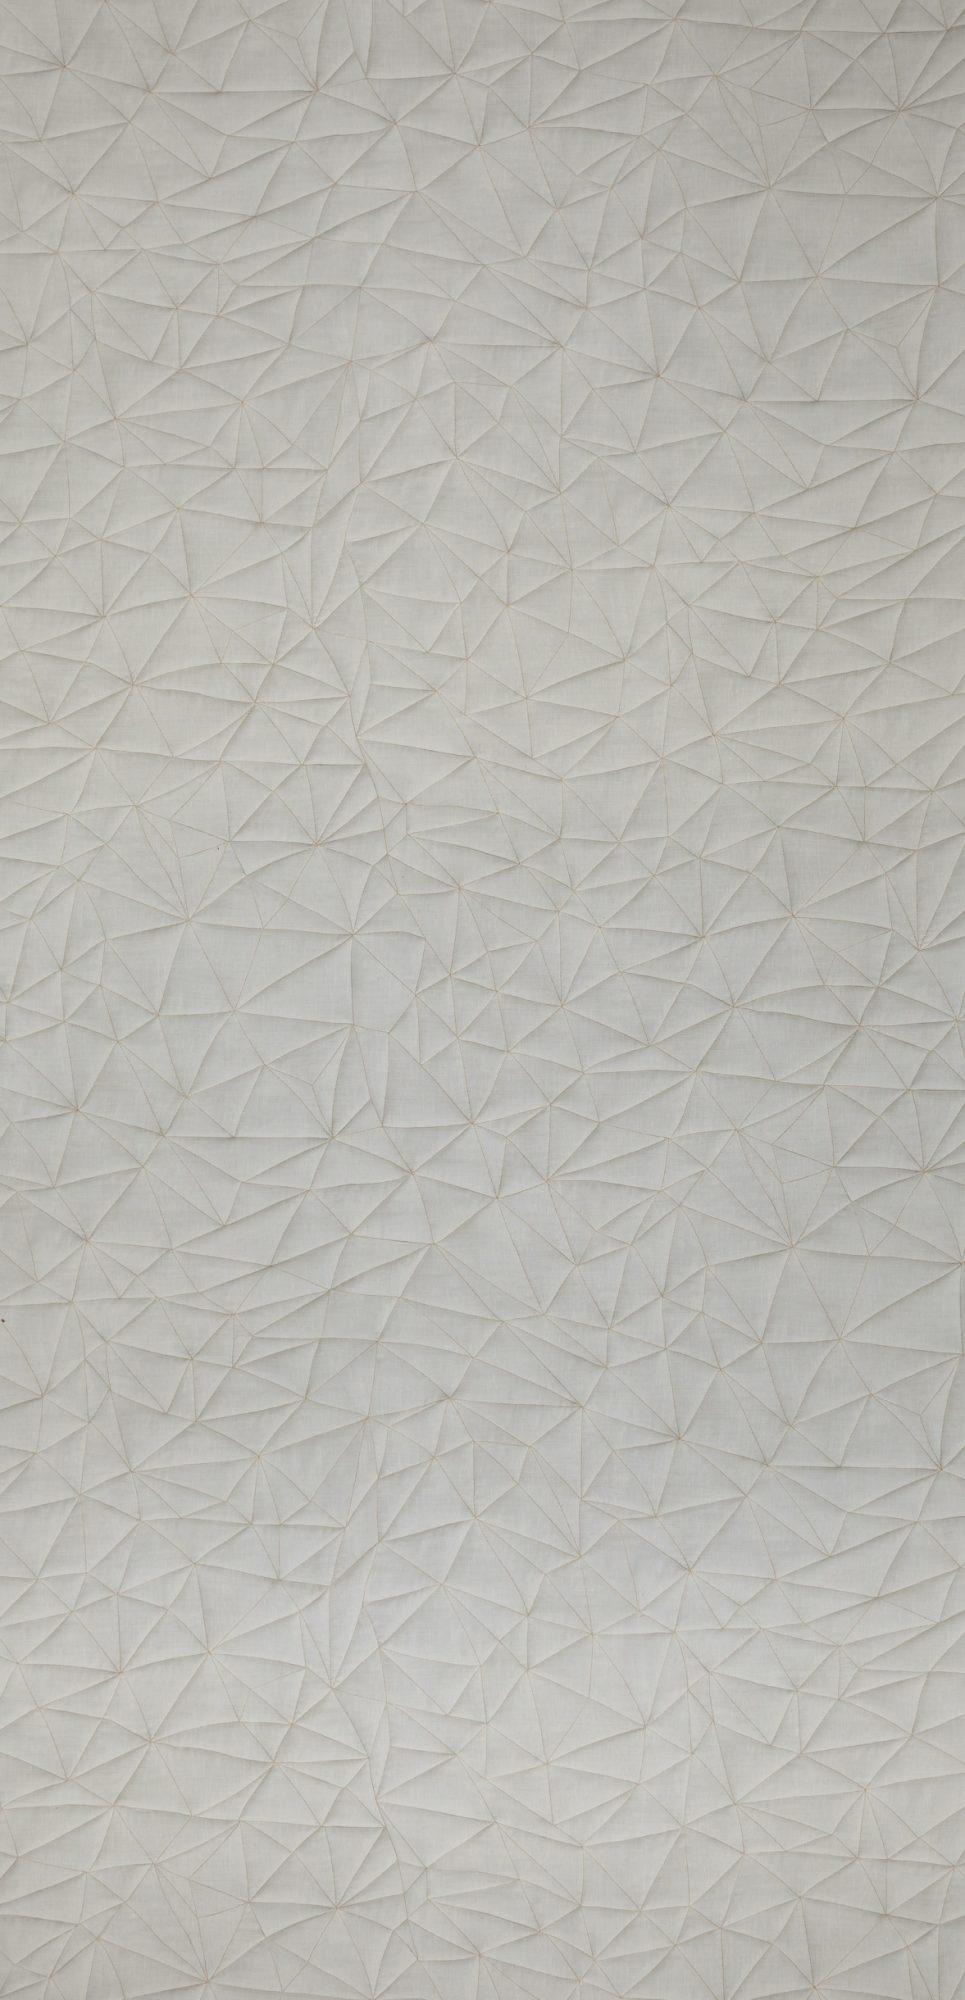 DecoLegno - HPL Specials - Textile/White Linen 2440x1220mm